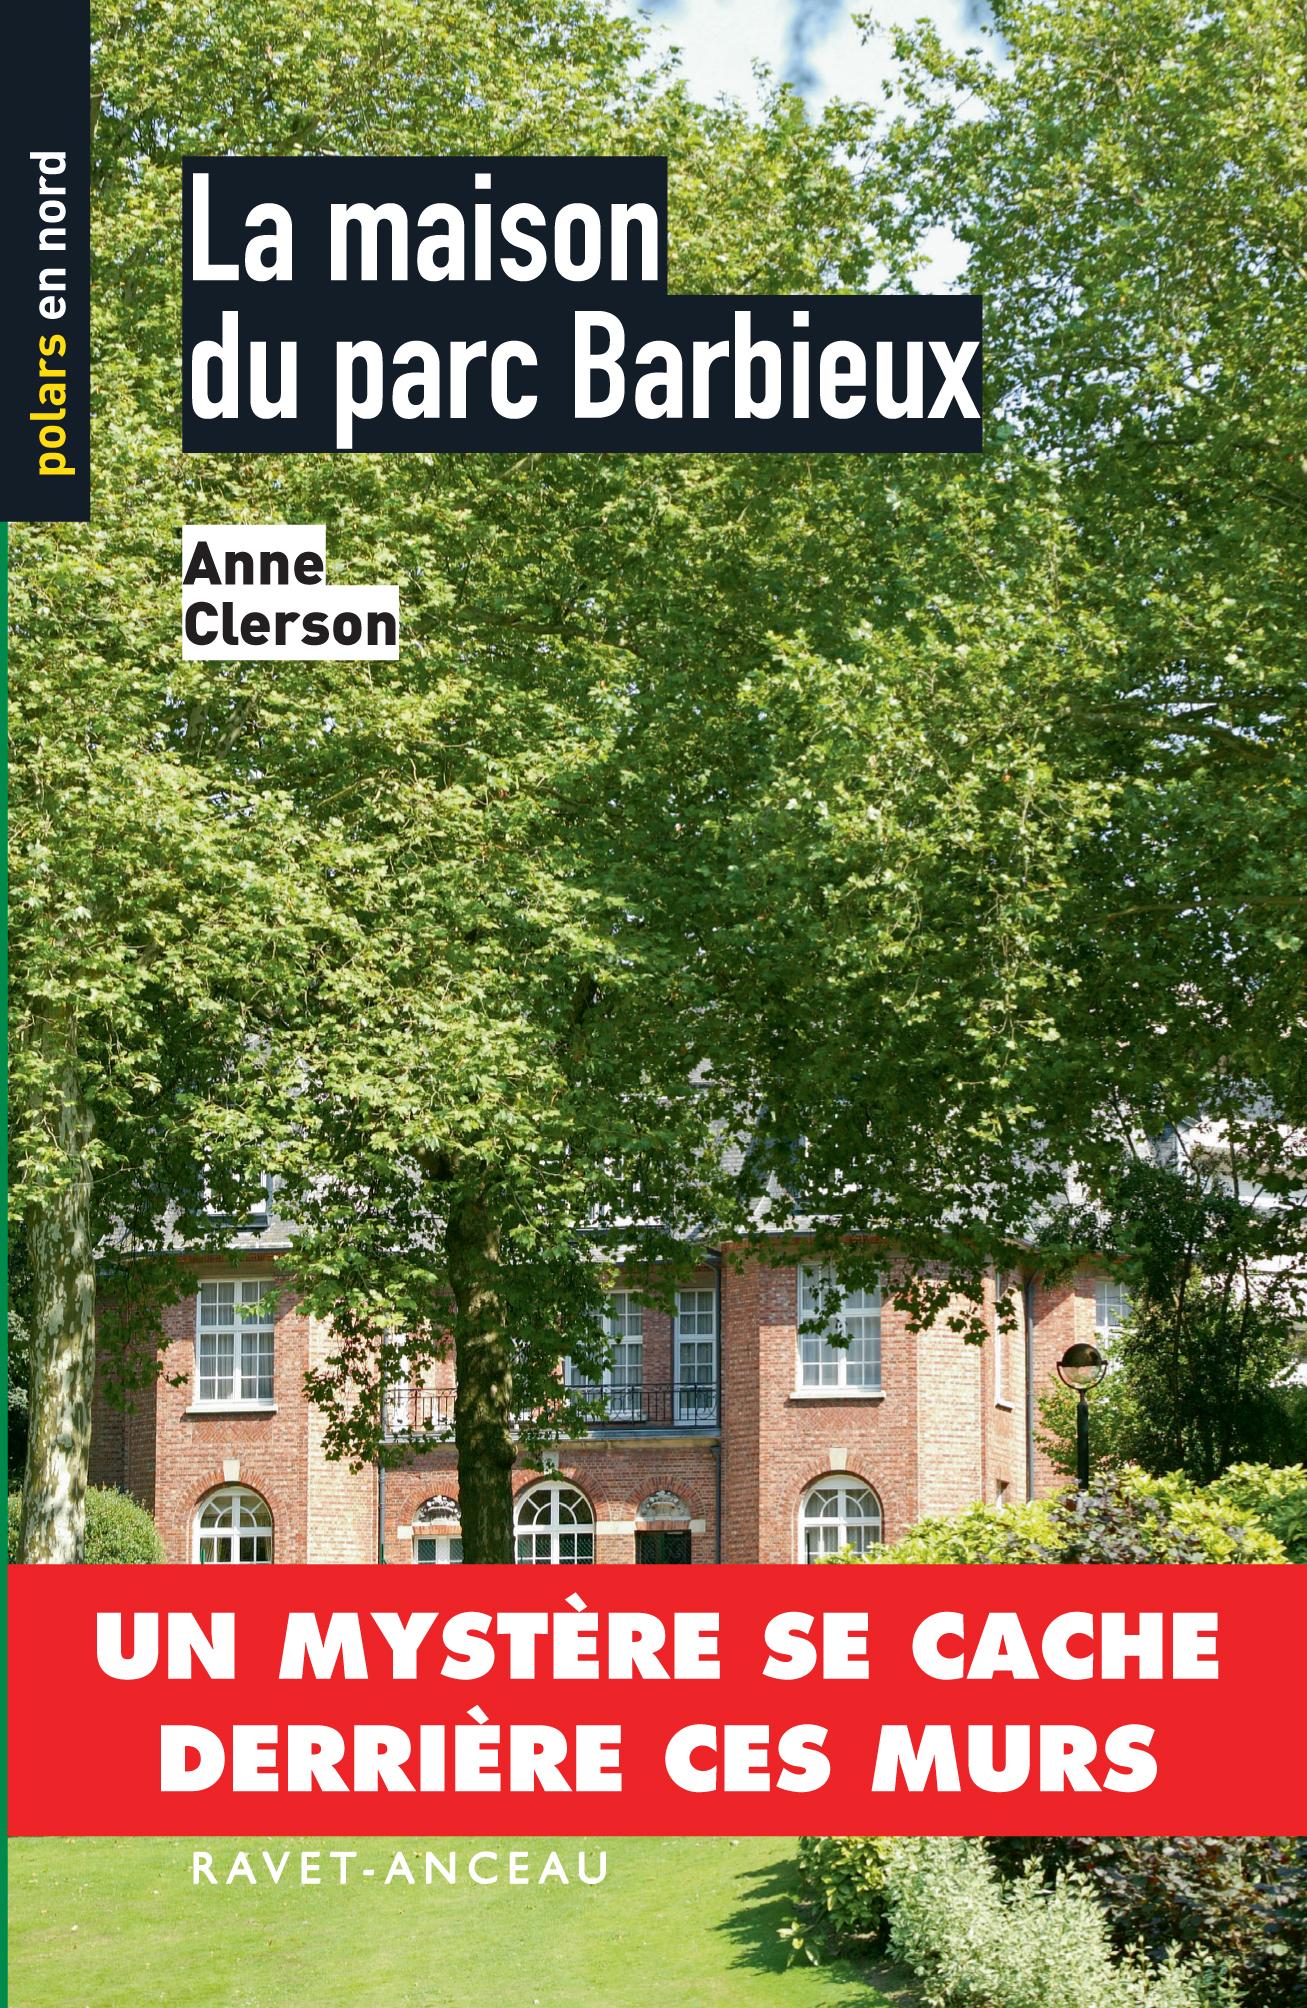 LA MAISON DU PARC BARBIEUX